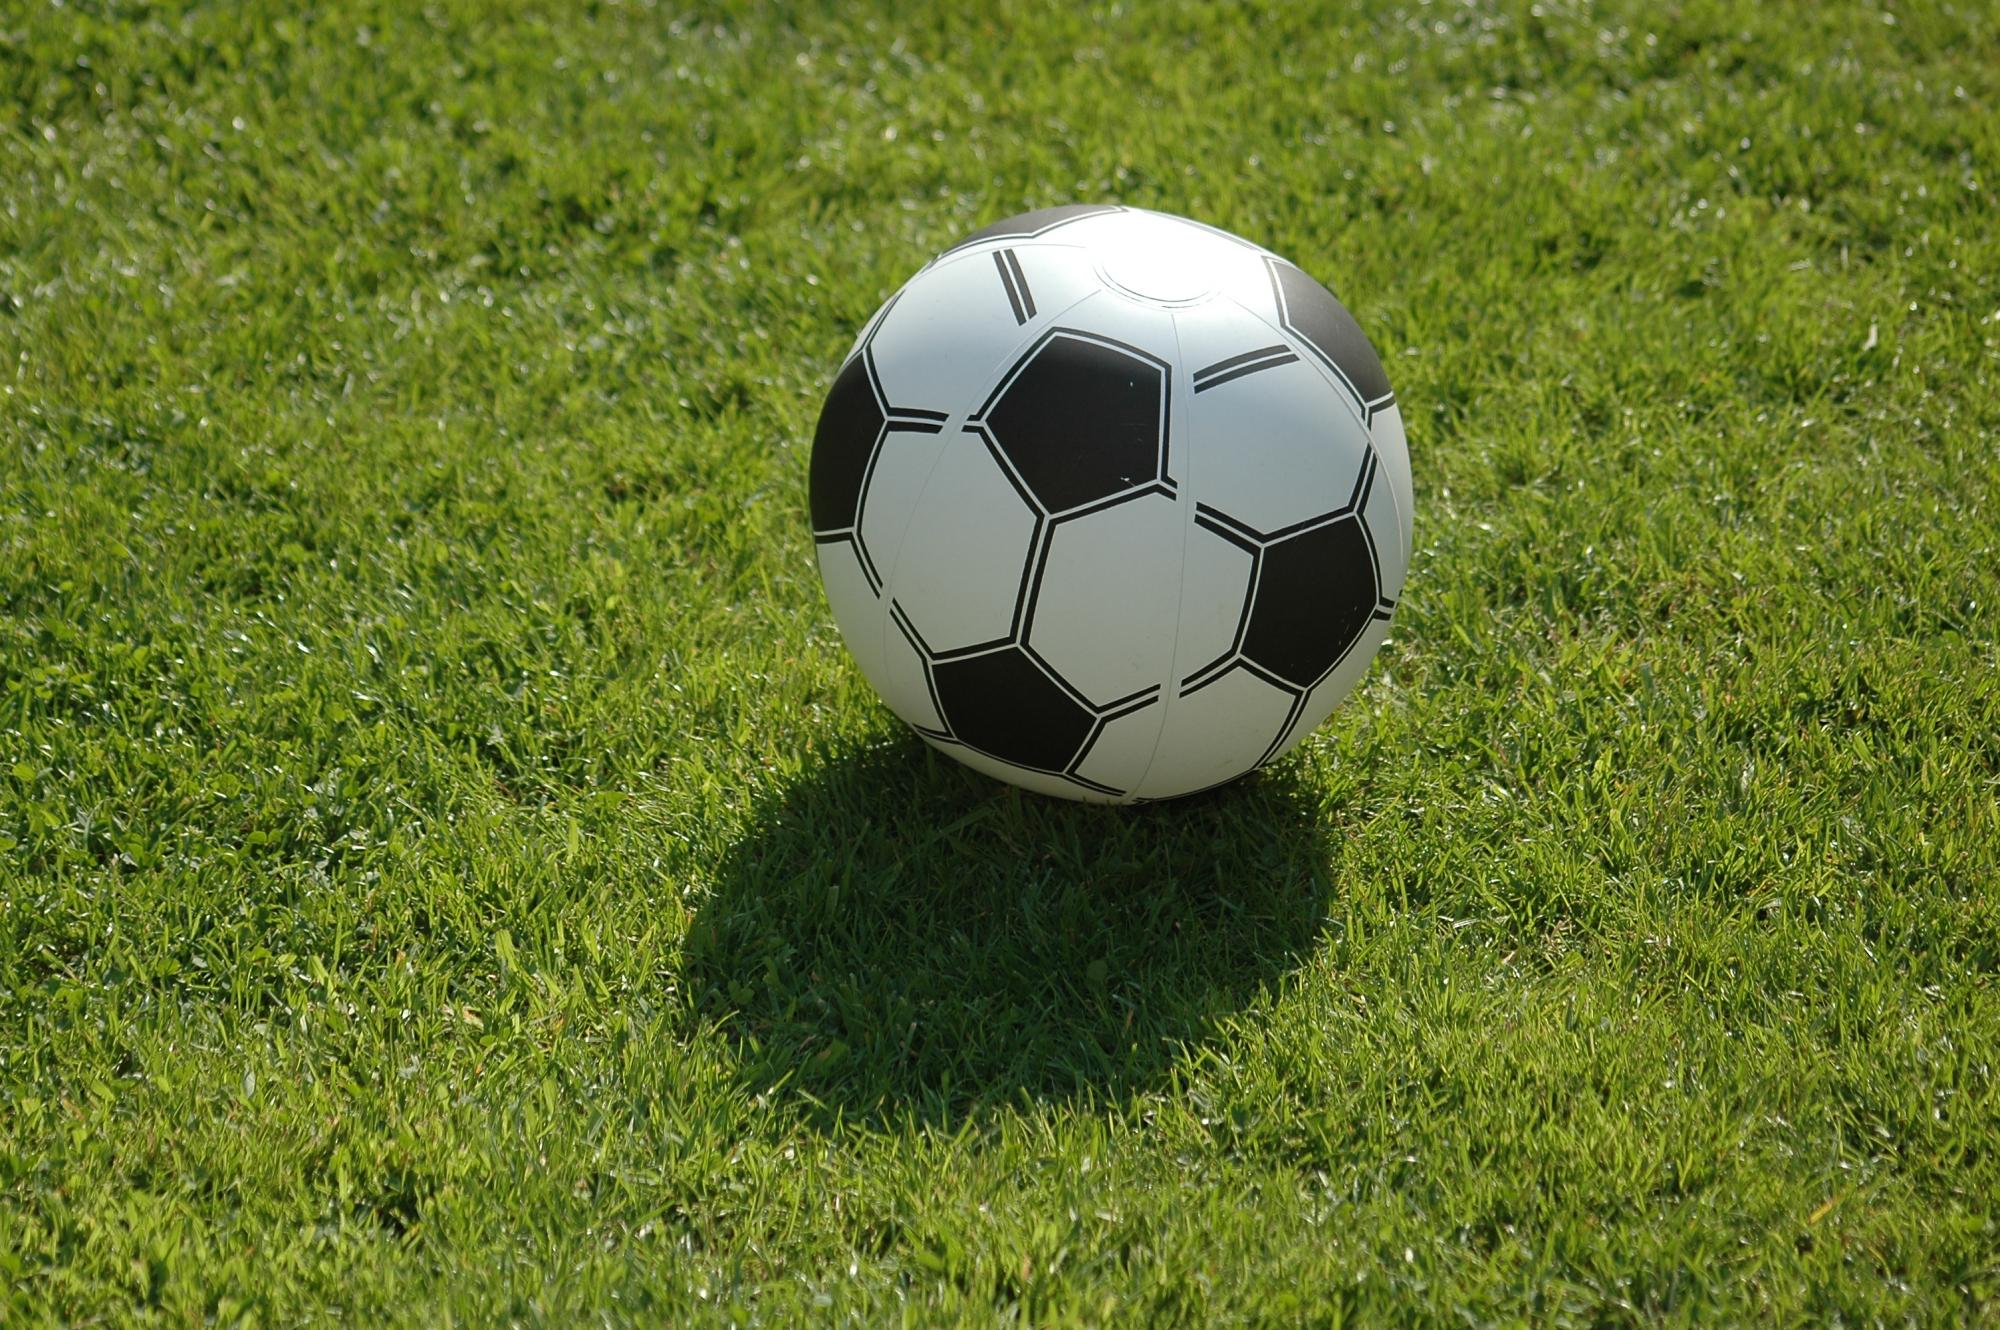 Wasserball fussball auf rasen